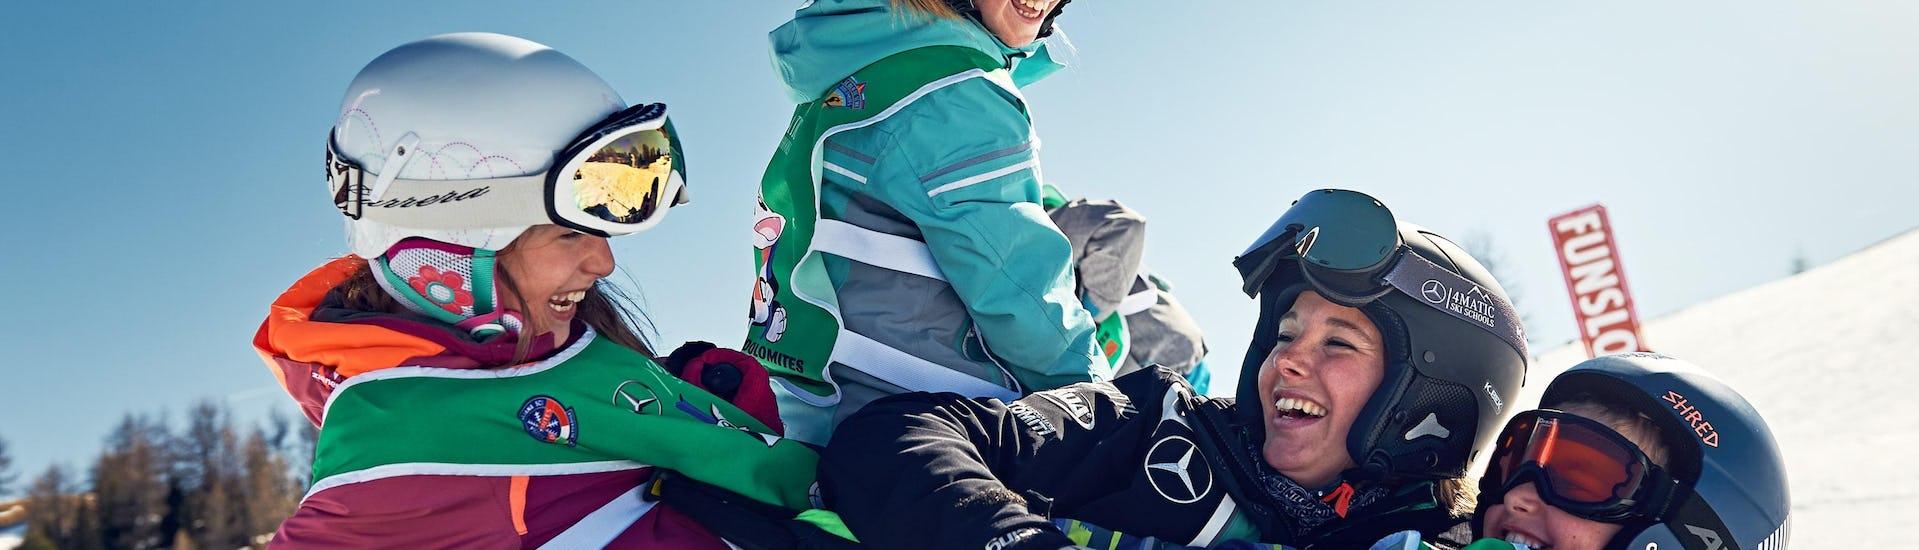 Ski Privatlehrer für Kinder - Alle Altersgruppen